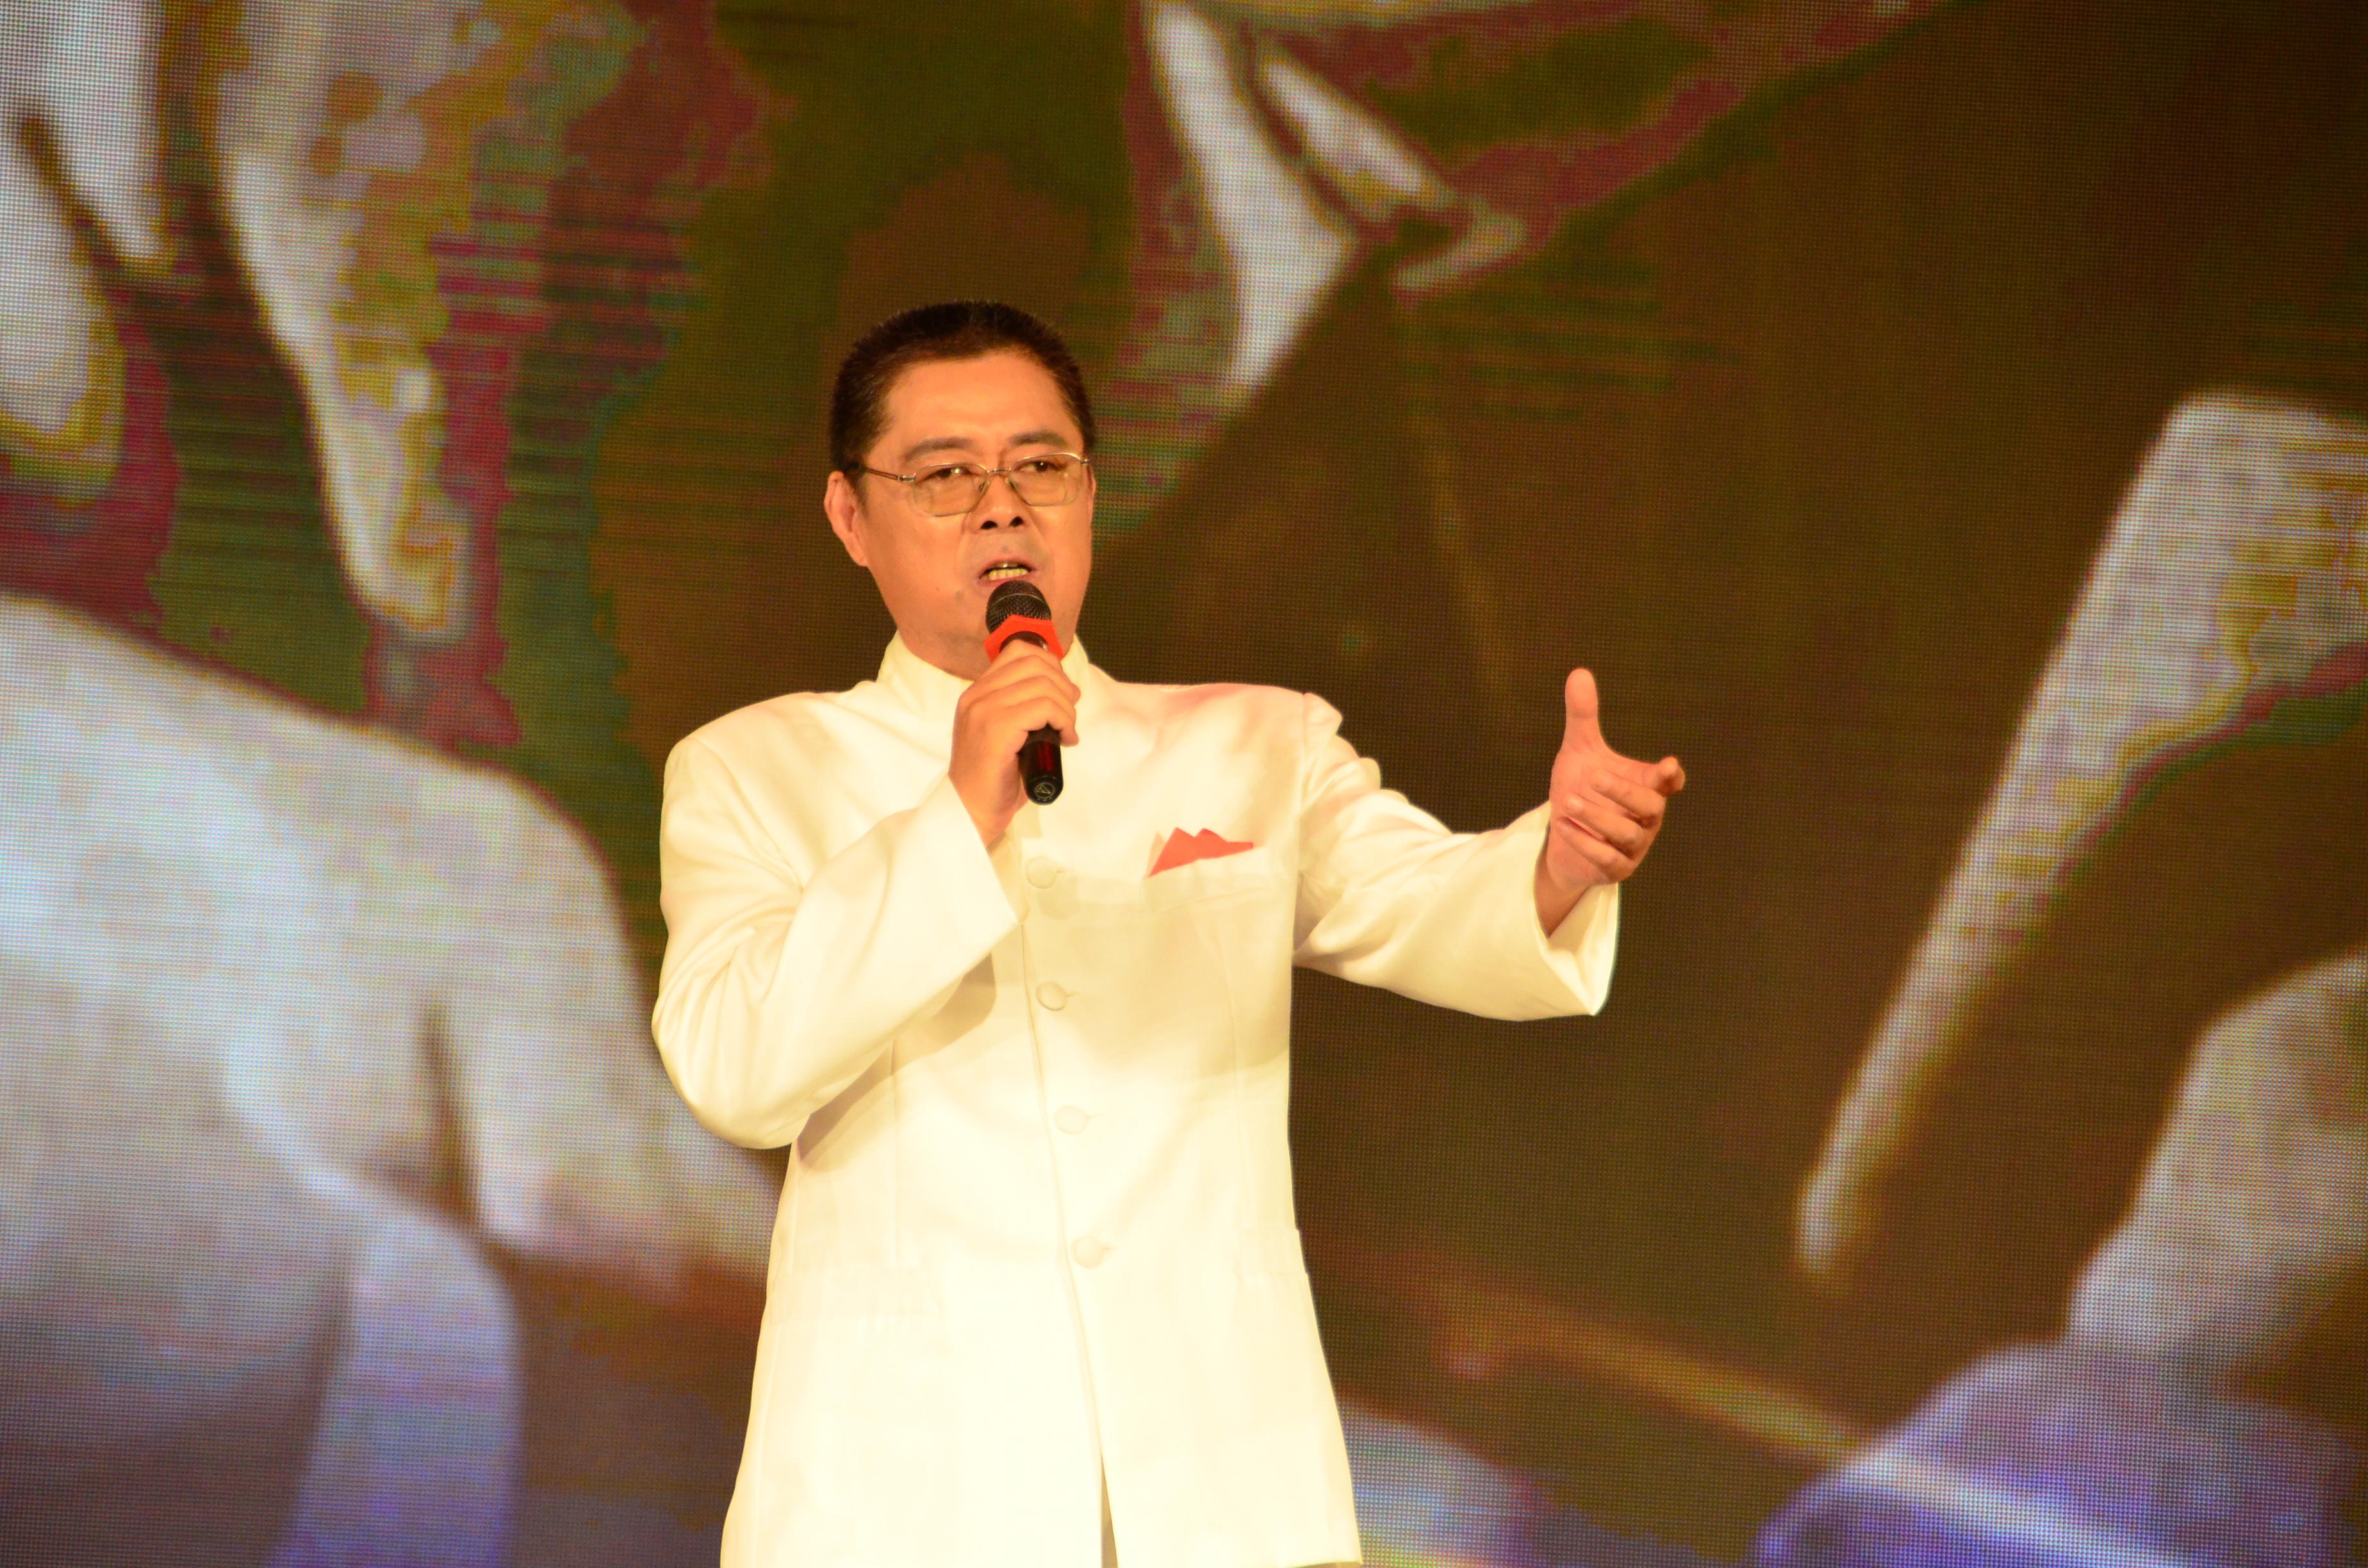 印尼现任总统佐科·维多多宣布